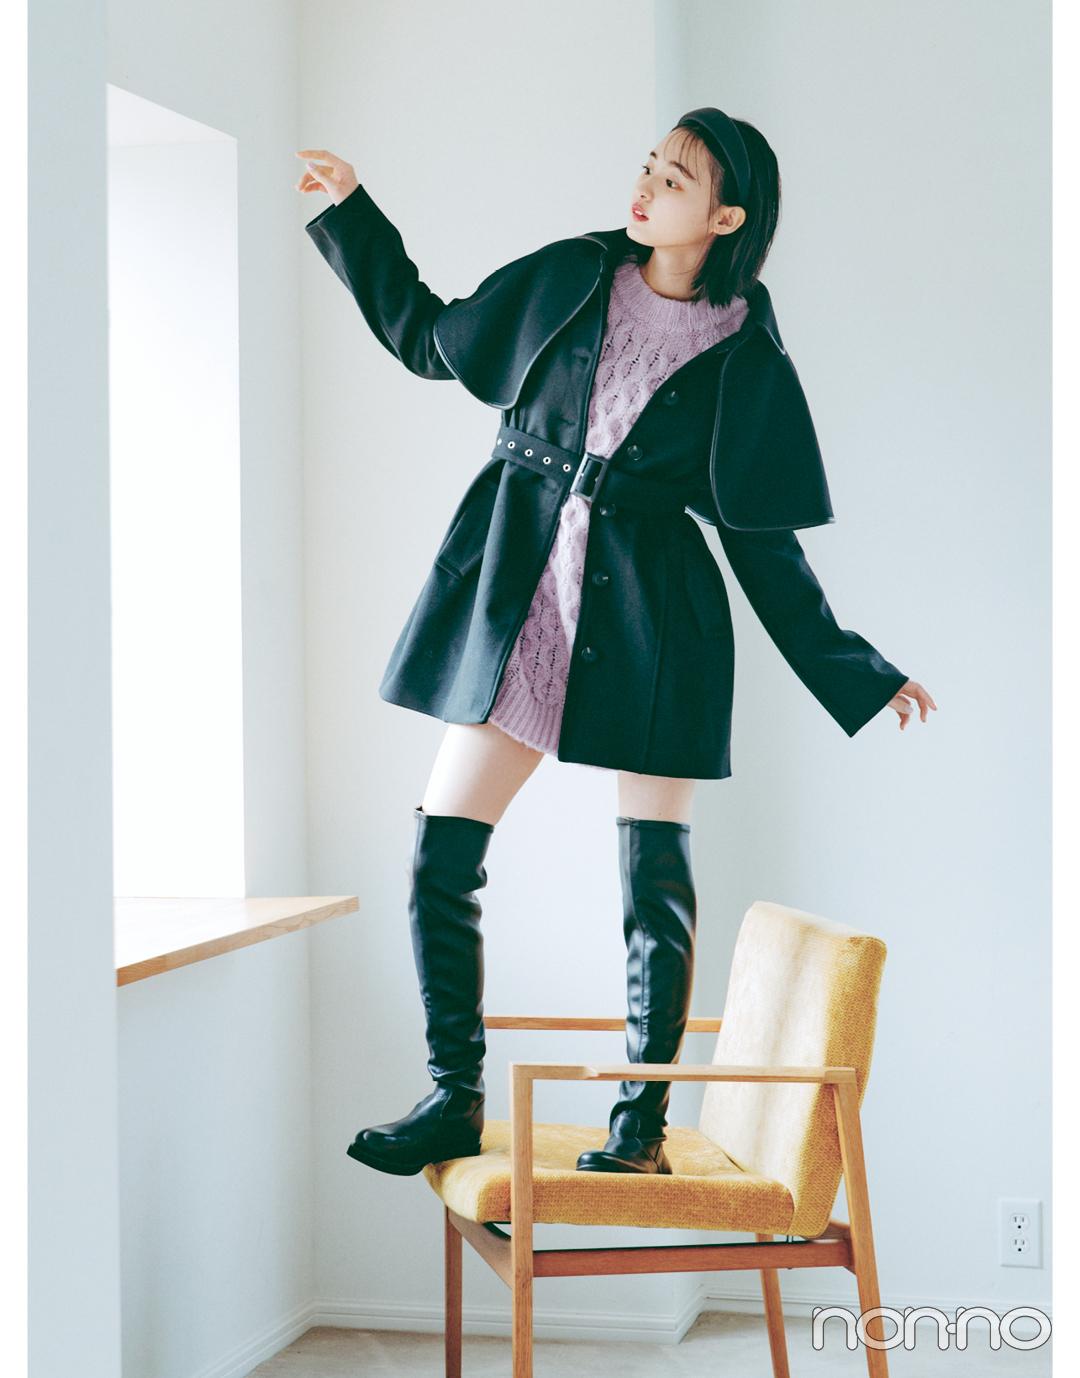 遠藤さくらSweet BLACK♡ きれい色と合わせて上級者っぽく_1_2